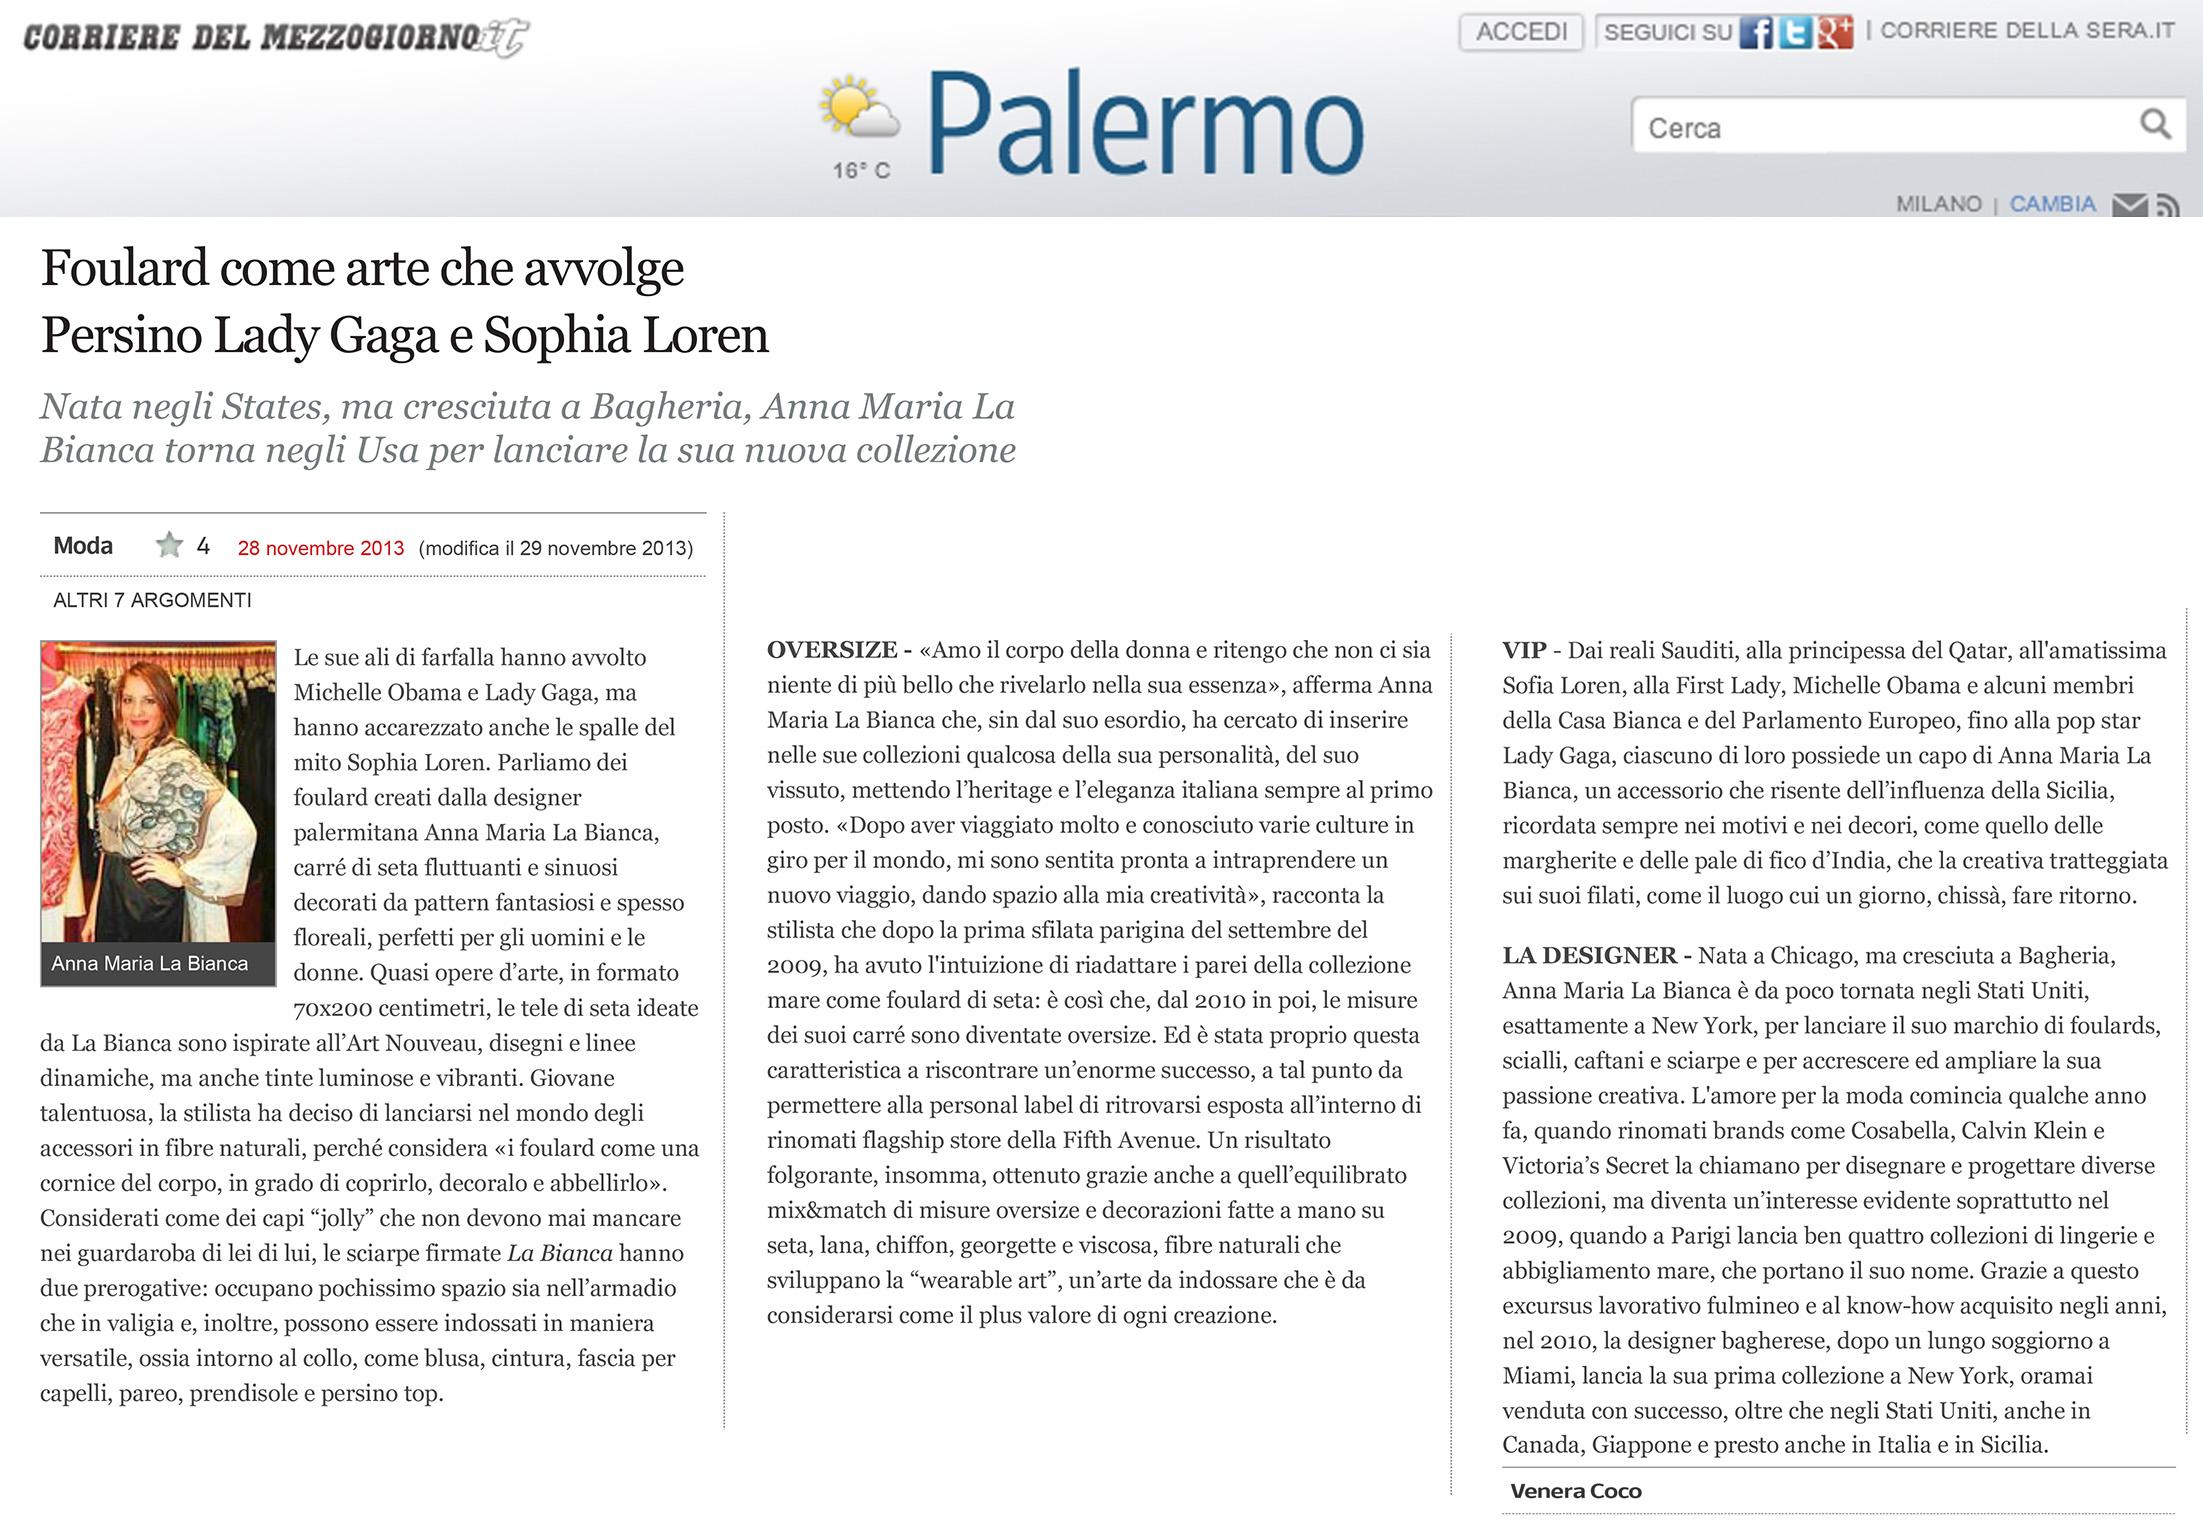 Corriere del Mezzogiorno by Corriere Della Sera Friday Nov 29 2013.jpg